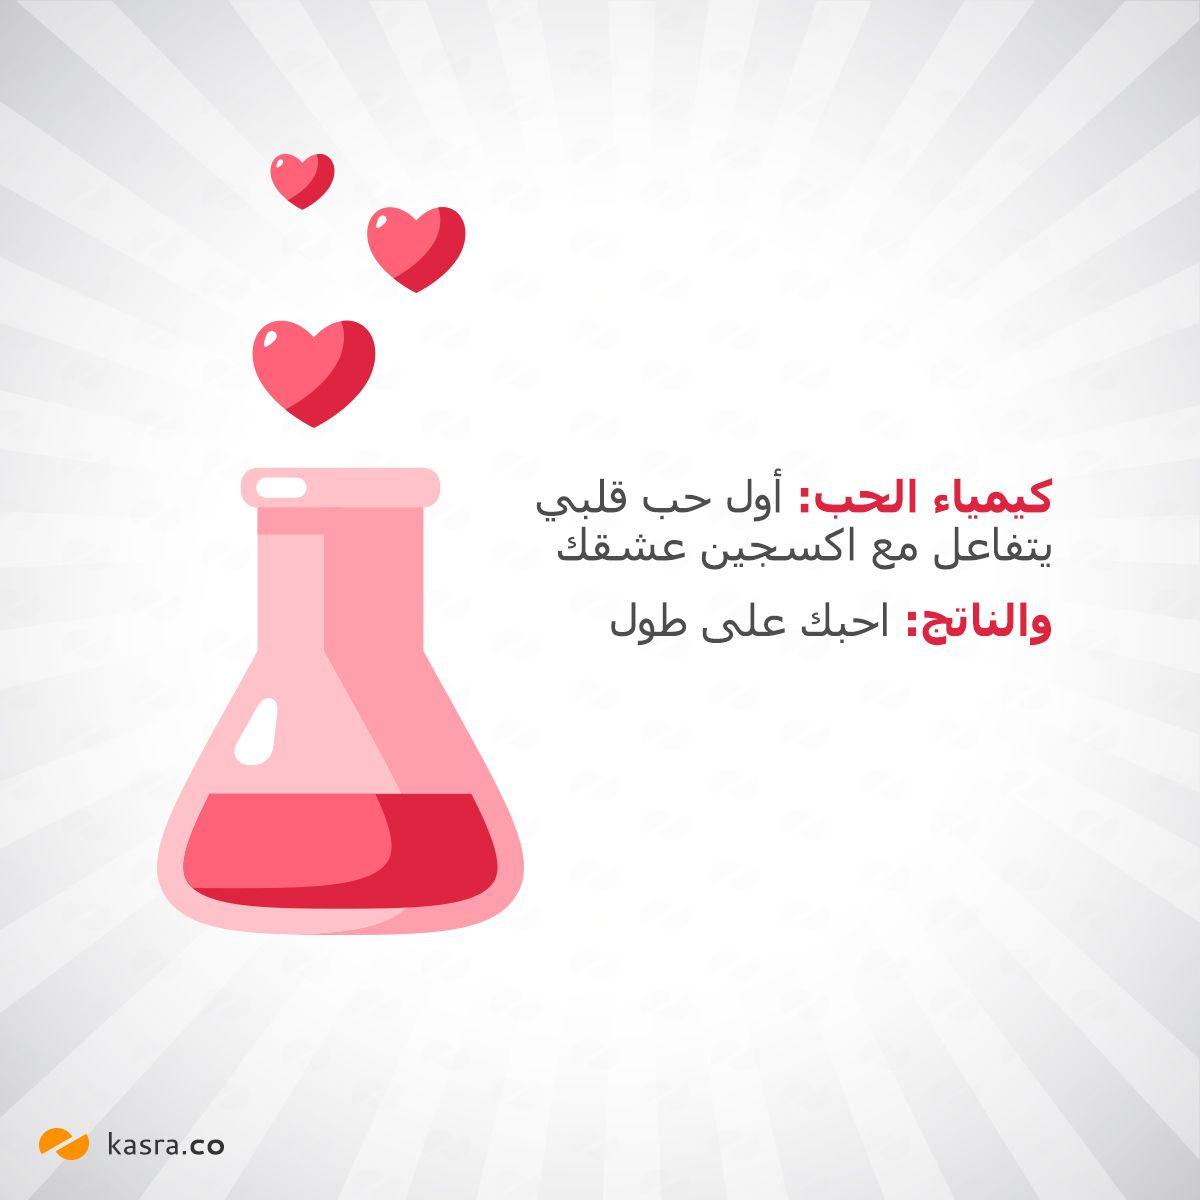 بطاقة عيد الحب كيمياء الحب Love Quotes Wallpaper Sweet Love Quotes Photo Quotes